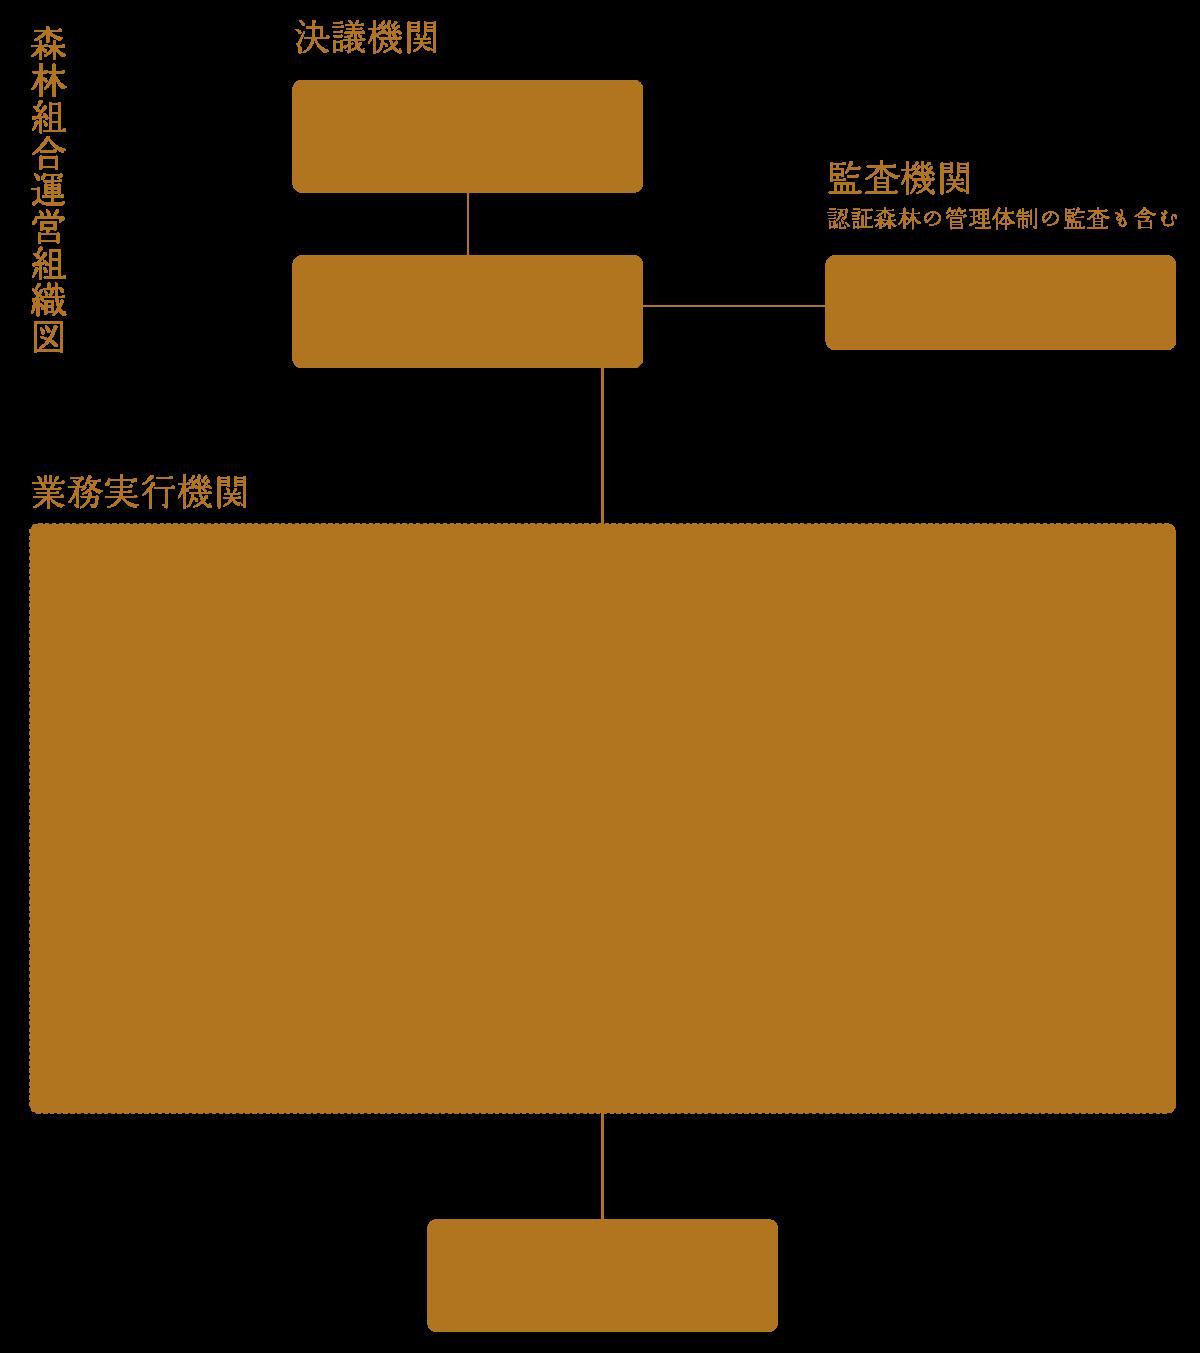 富士市森林組合組織図